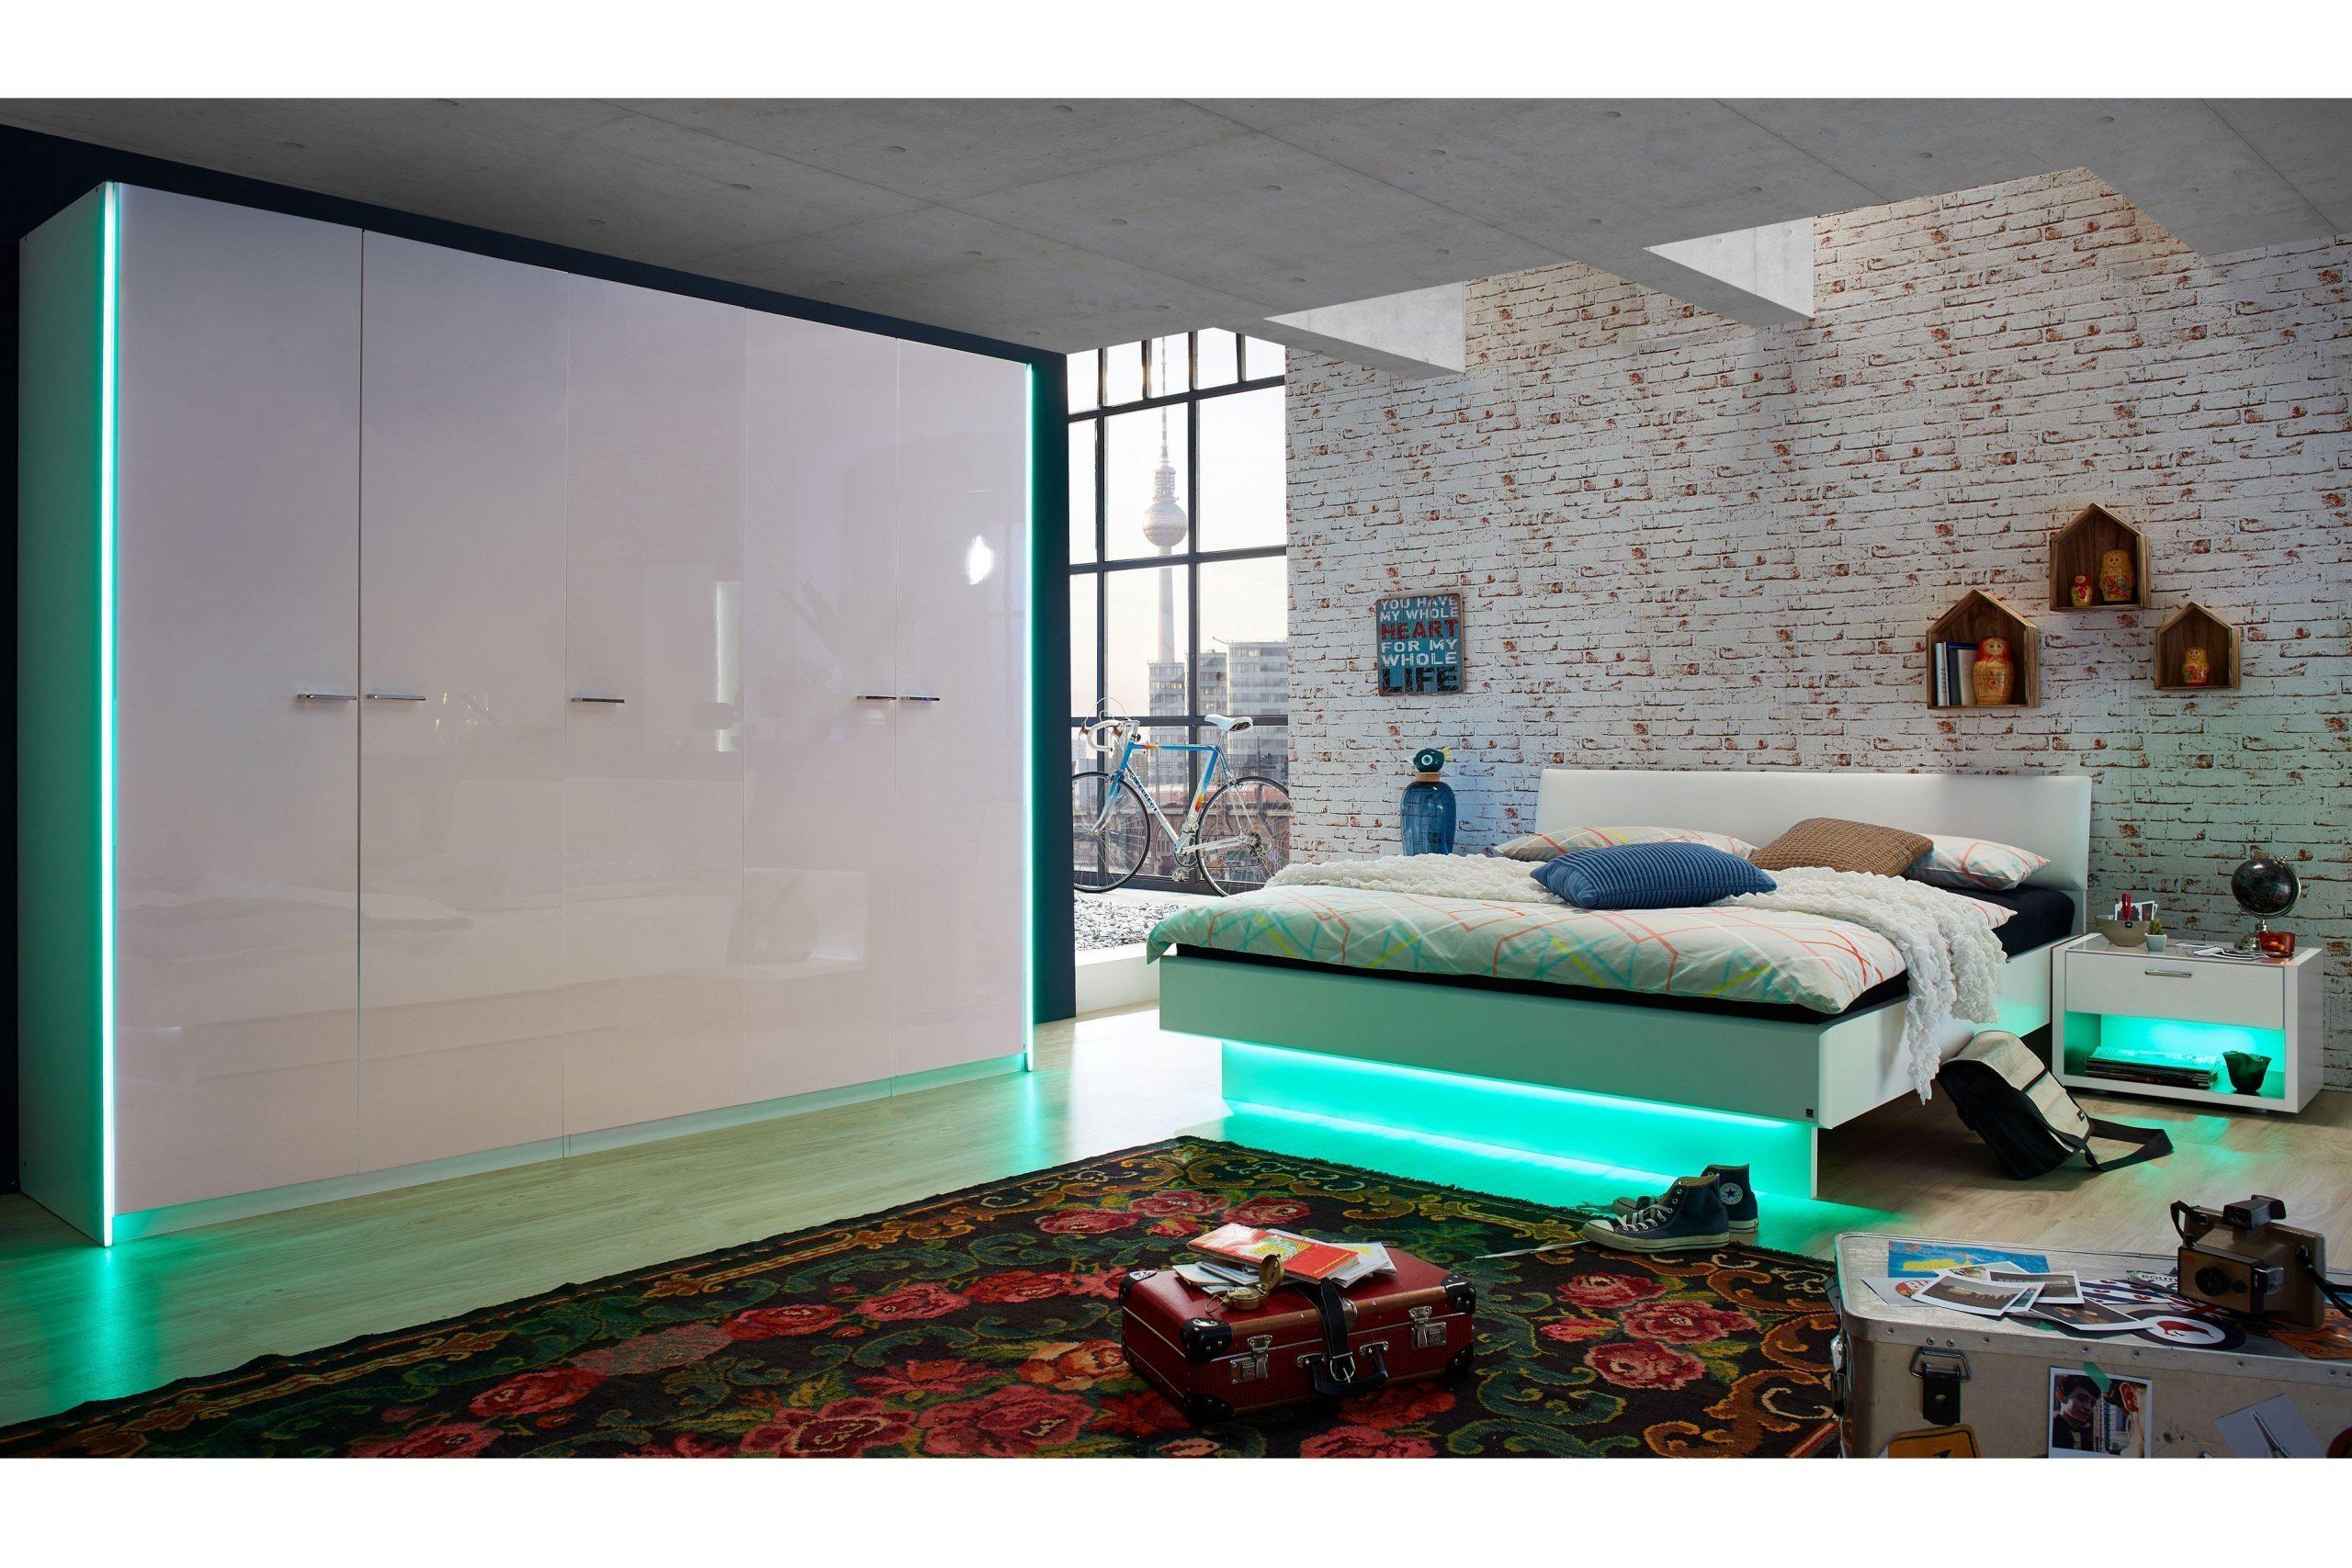 Full Size of Schlafzimmer Set Günstig Leonardo Living Joy In Wei Mbel Letz Ihr Sofa Kaufen Loddenkemper Sessel Deckenleuchte Fototapete Nolte Komplett Wandbilder Wandlampe Schlafzimmer Schlafzimmer Set Günstig